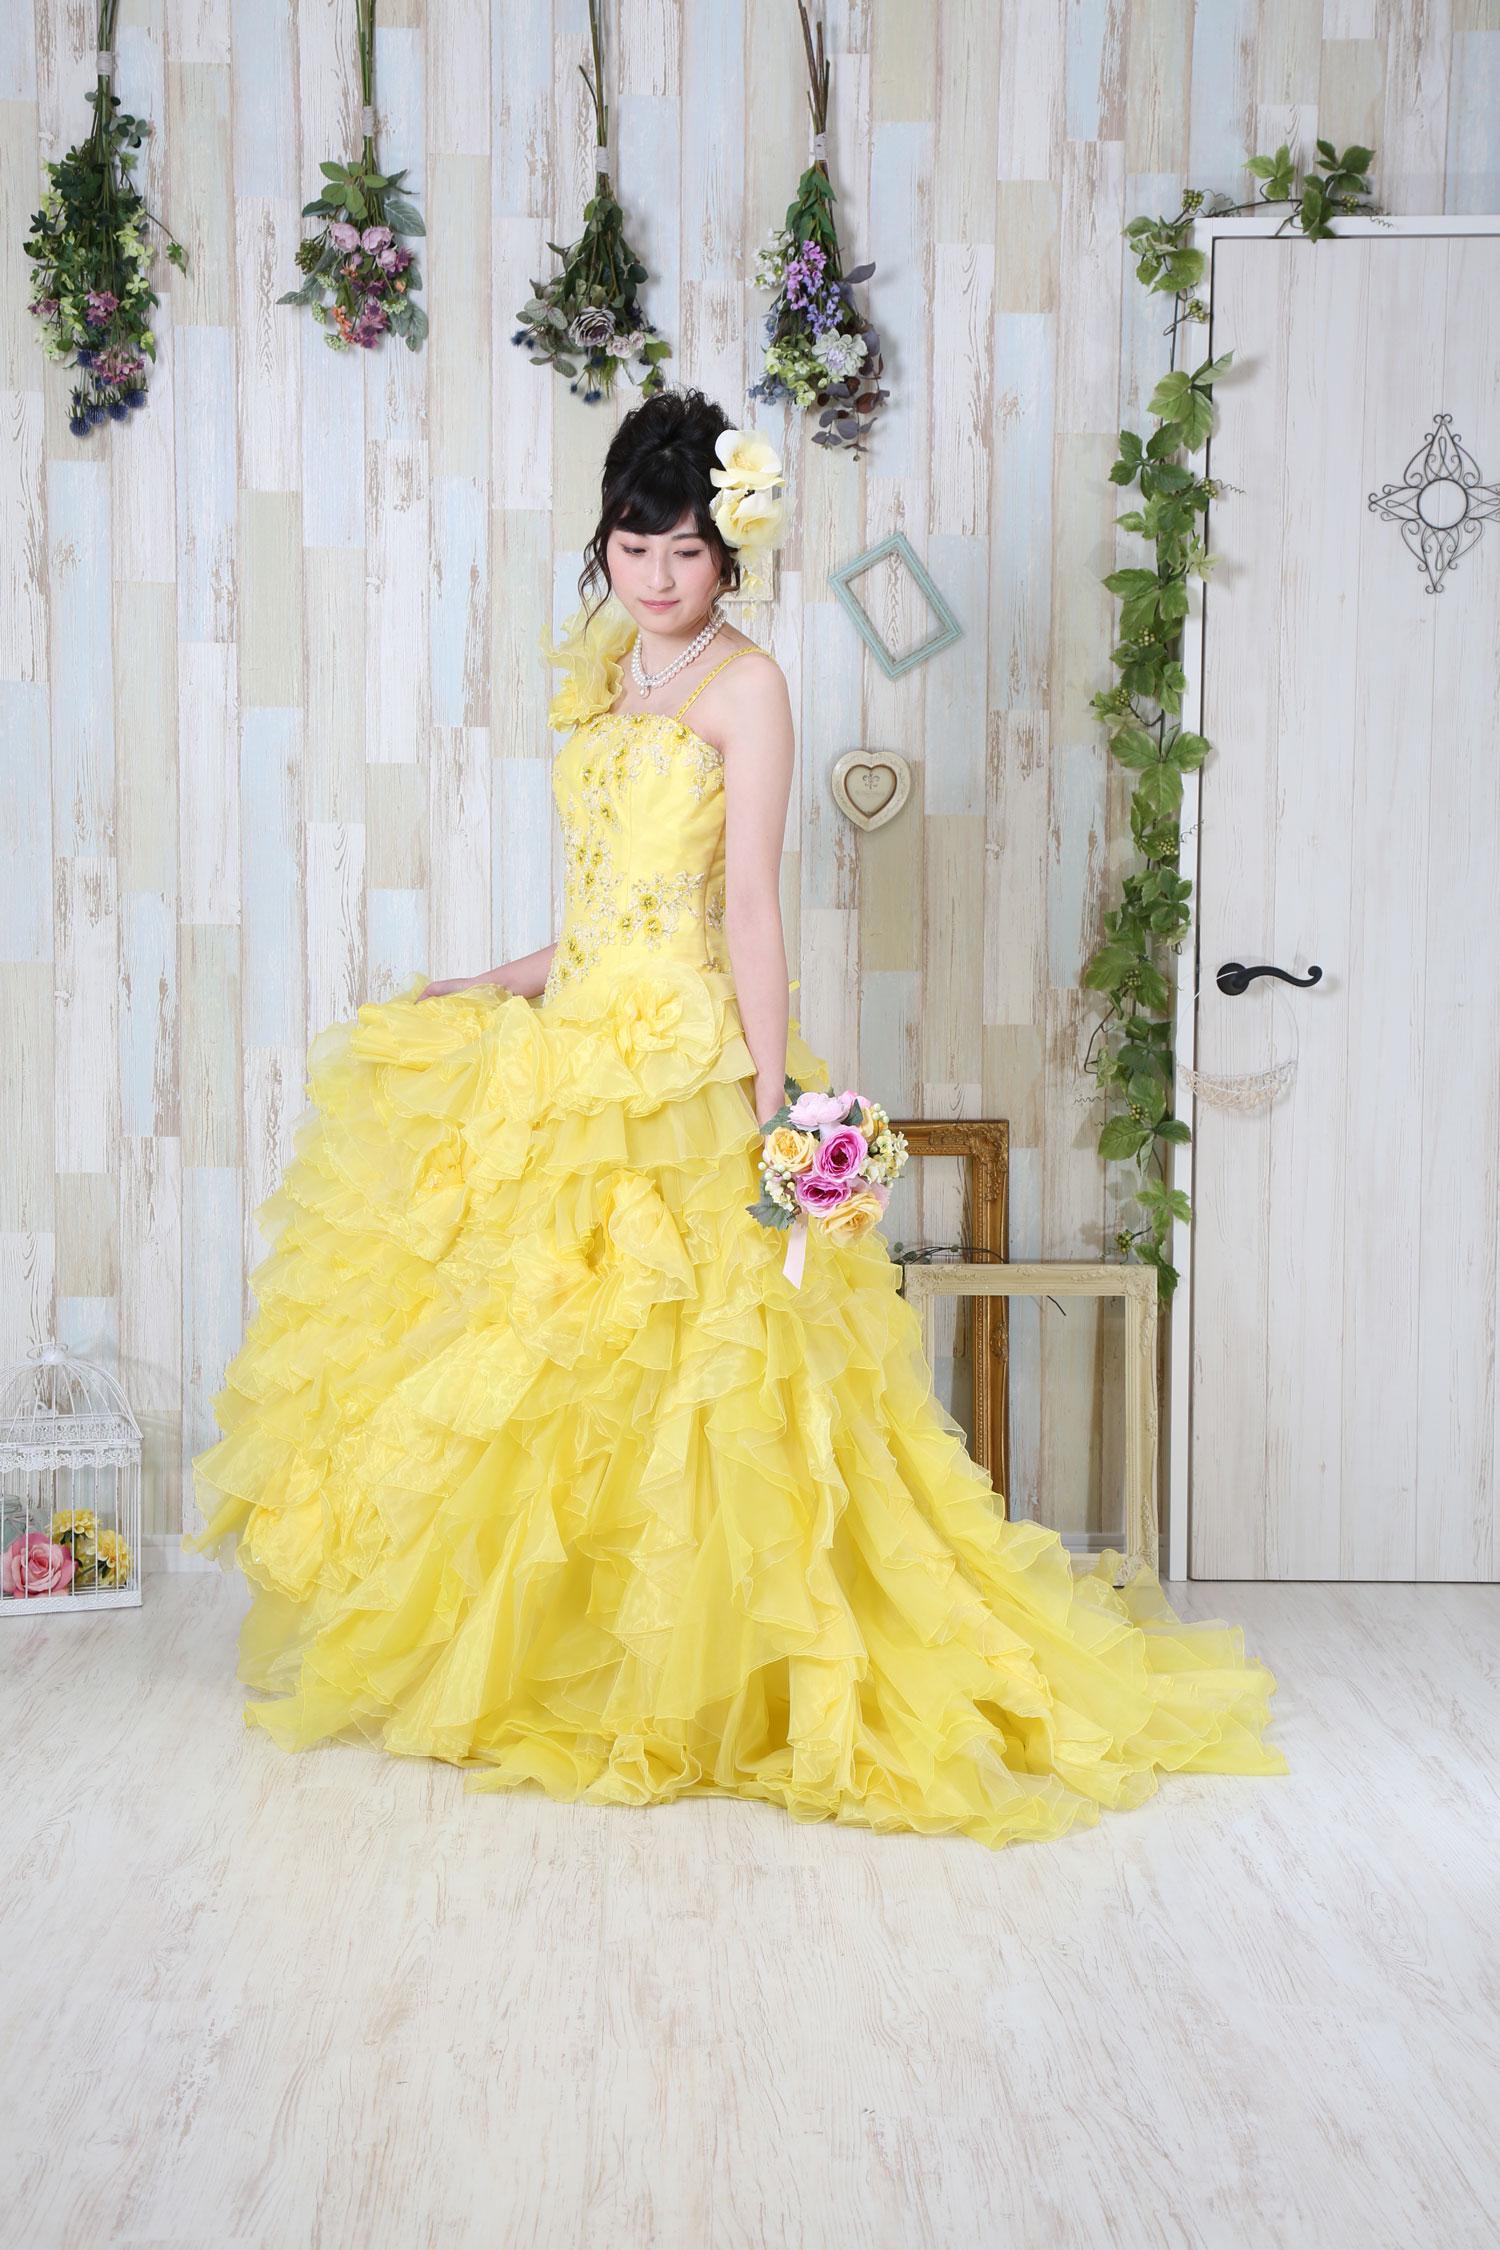 ★20180211-ドレス衣装撮影_171---コピー